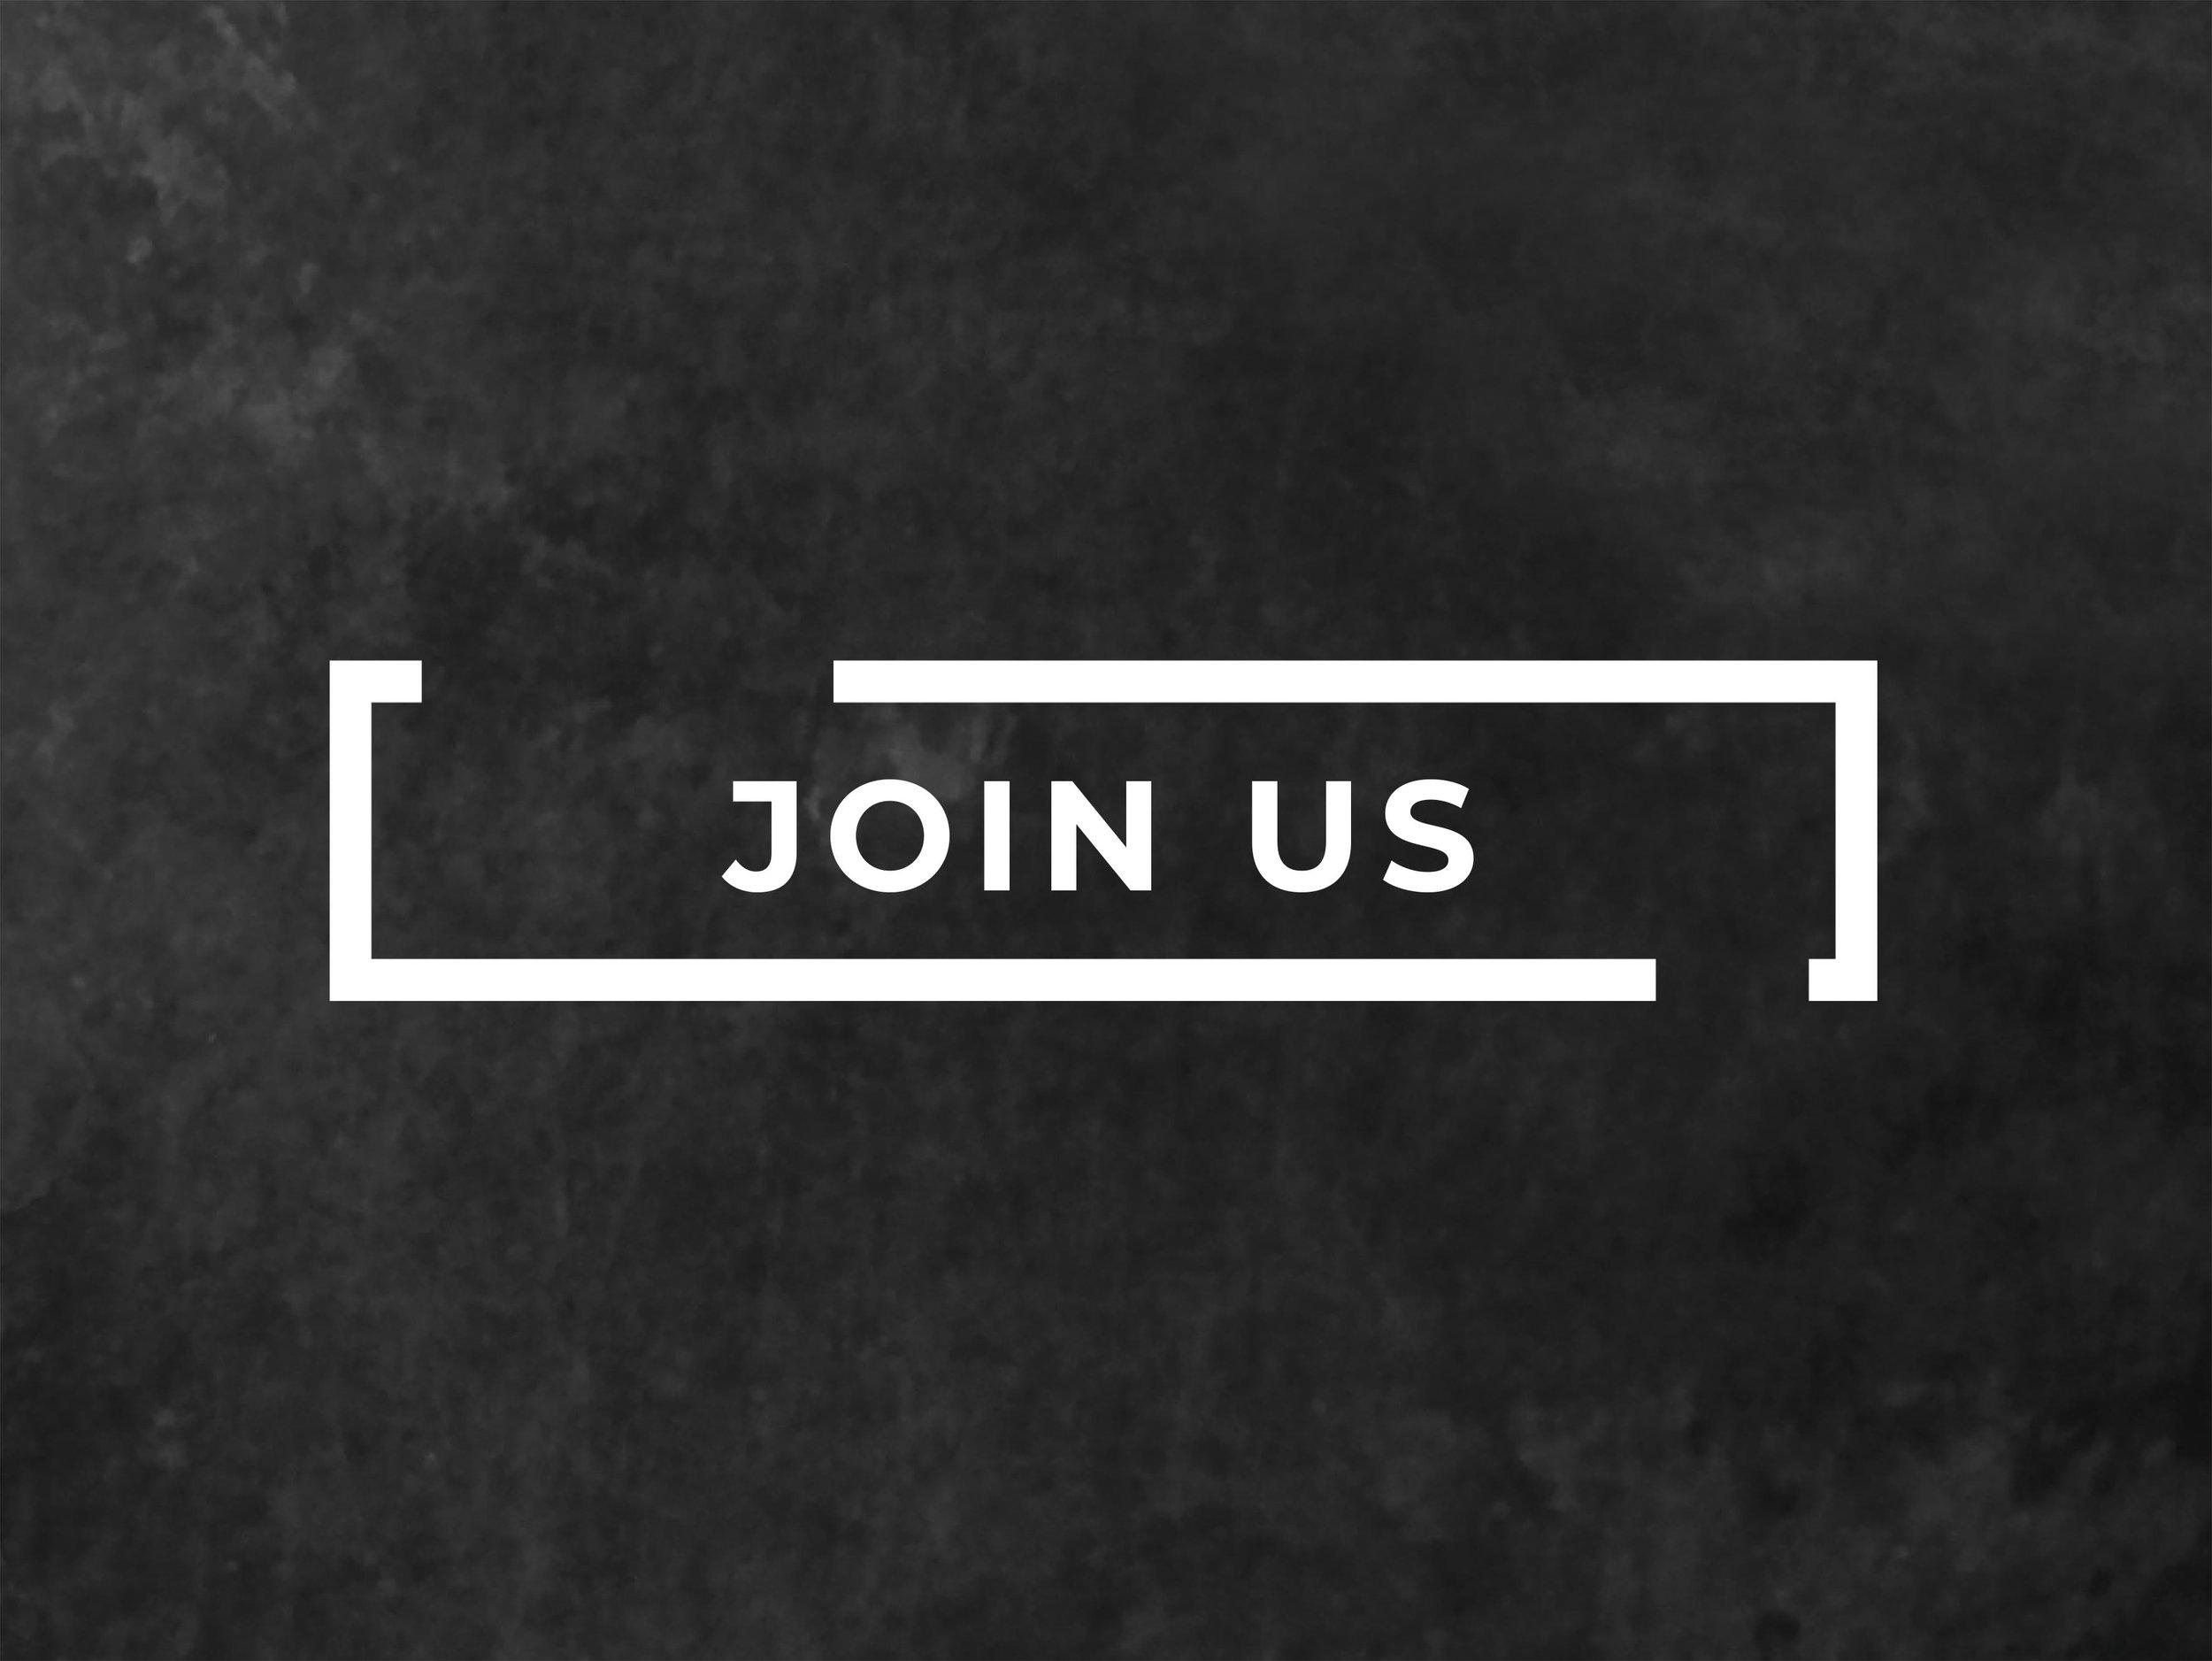 Join us .jpg